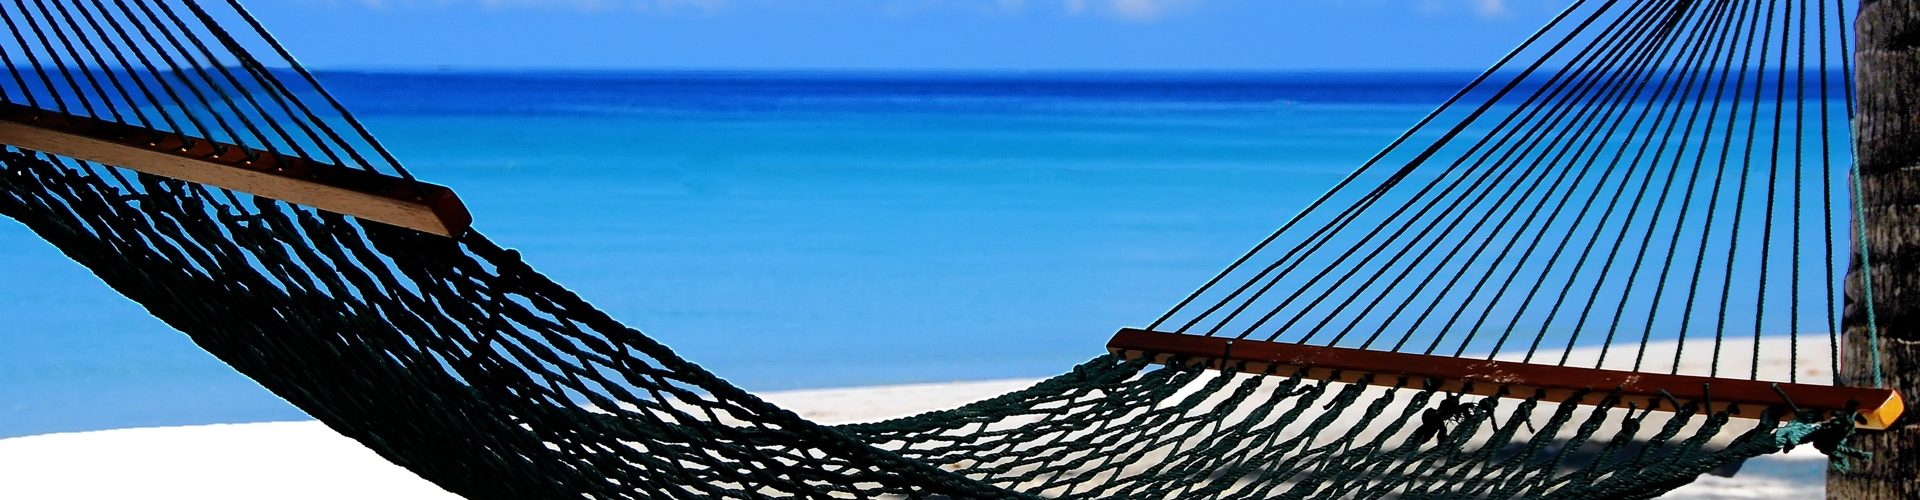 Побороть меланхолию возвращения из отпуска